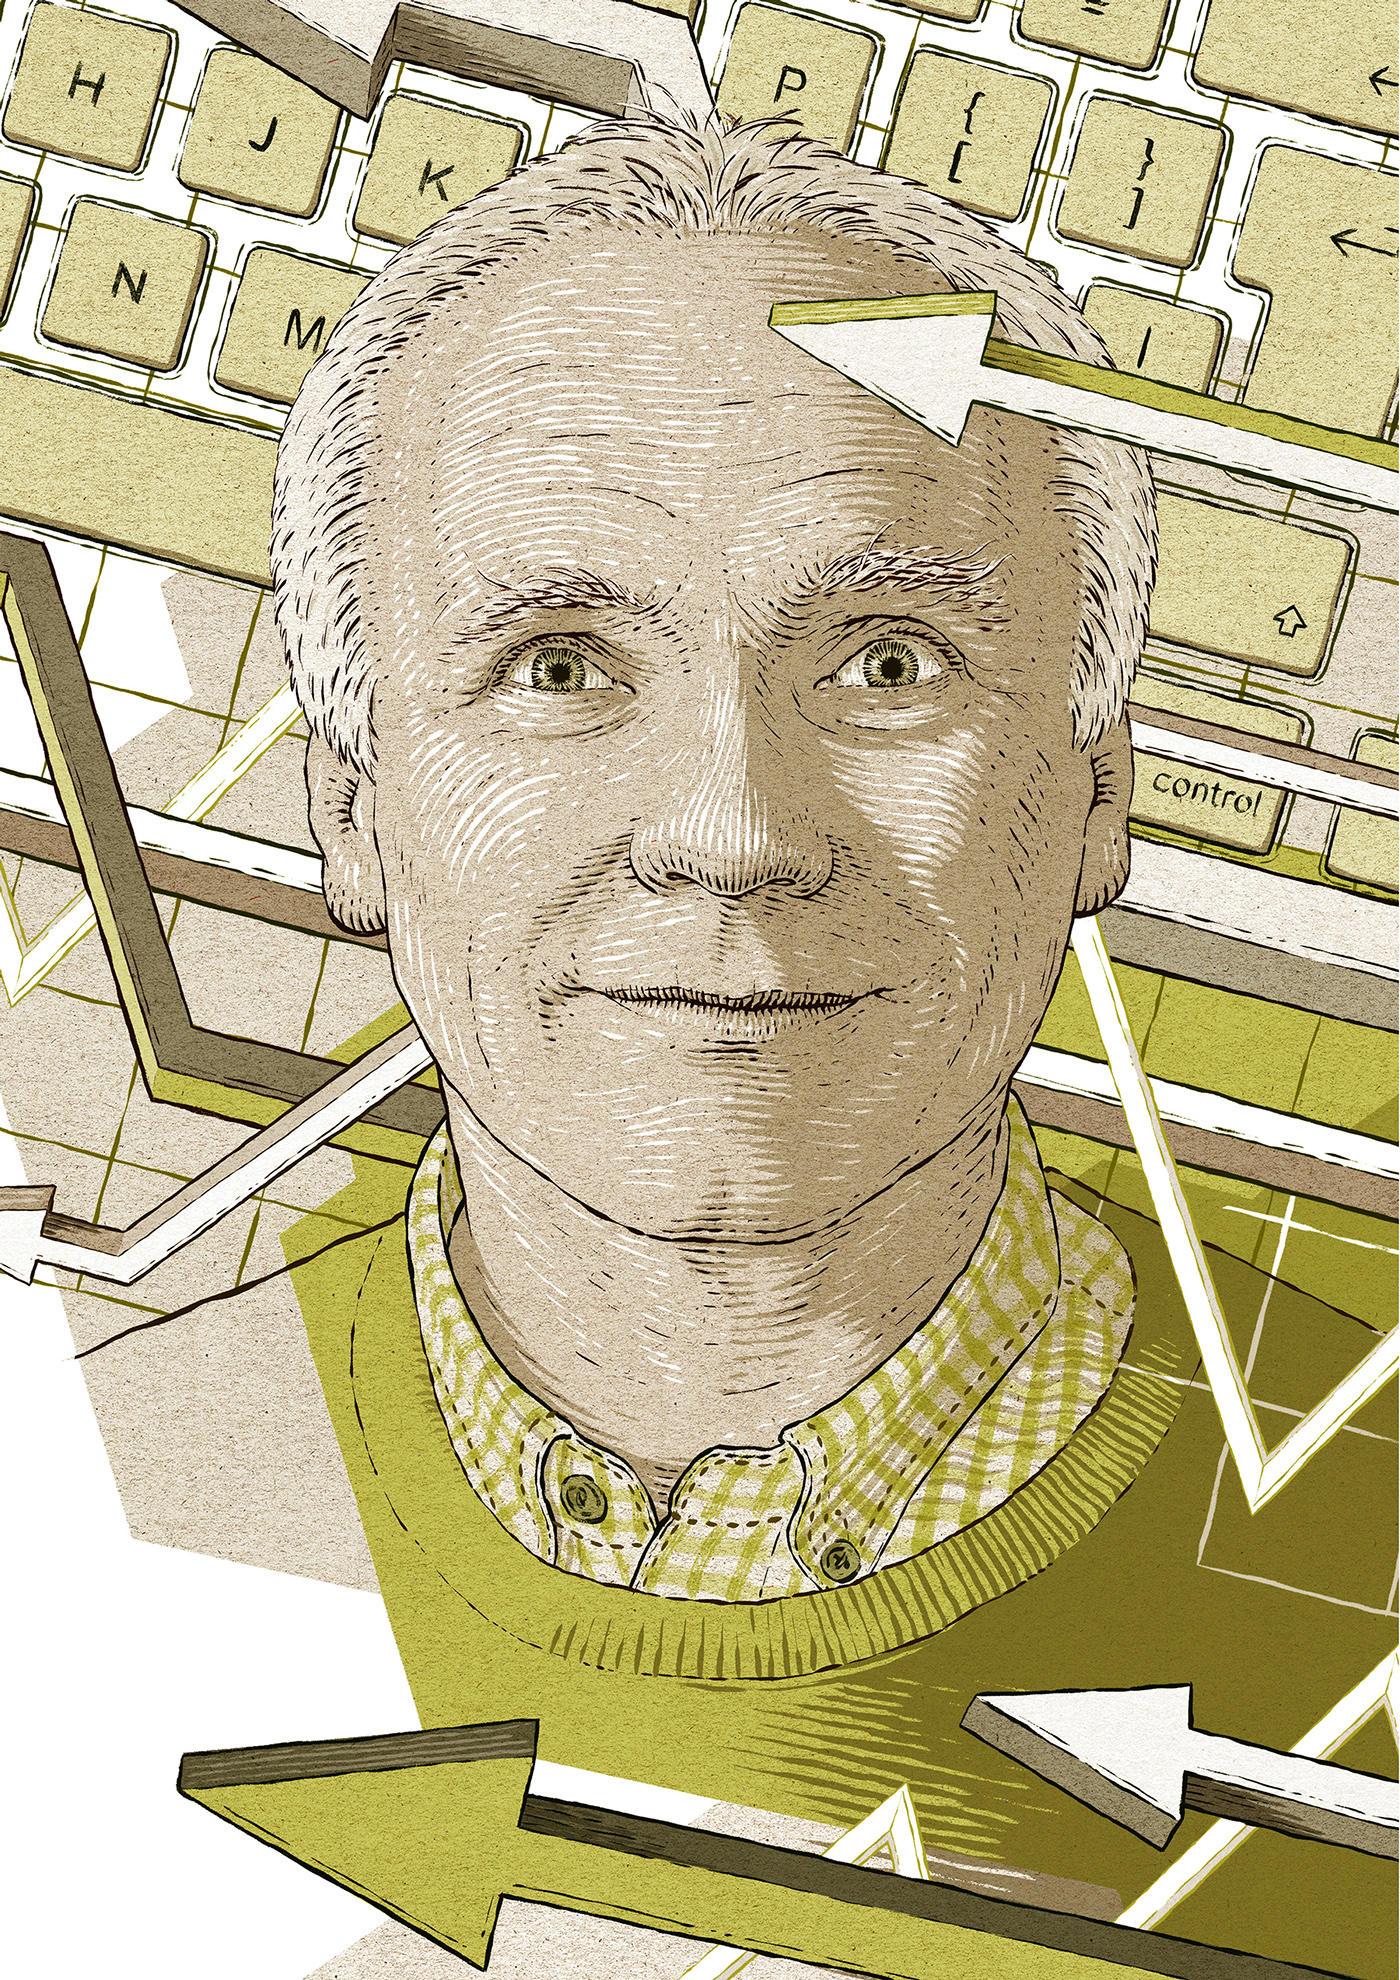 Bartosz Kosowski illustration 5